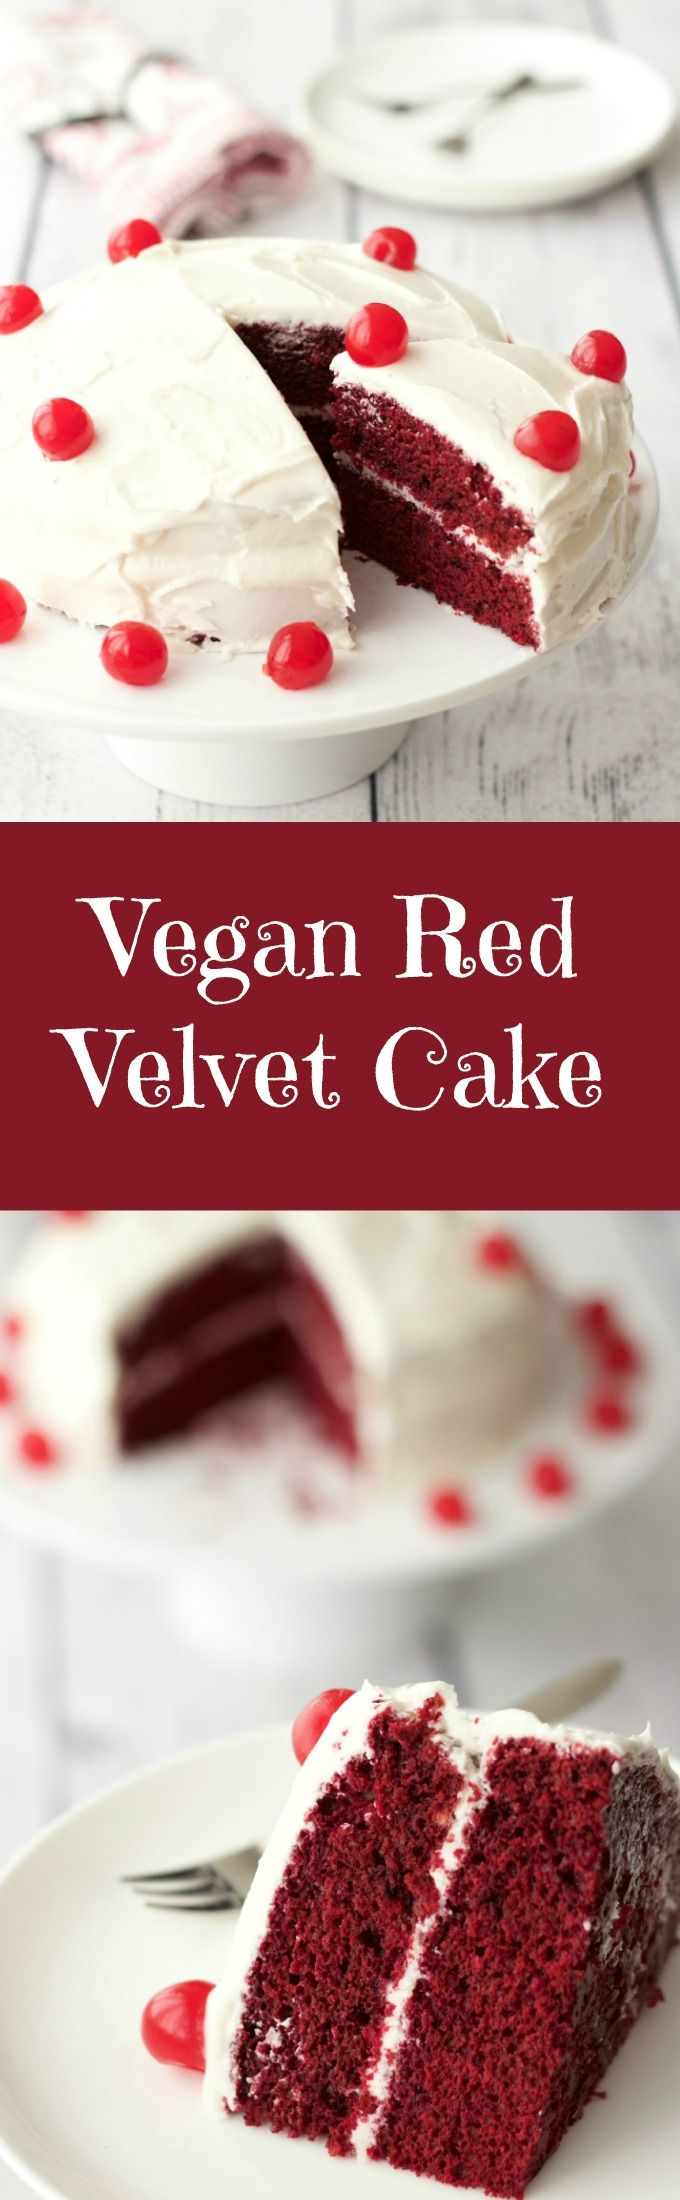 Rich, moist and smooth vegan red velvet cake topped with lemon buttercream frosting and maraschino cherries. Vegan | Vegan Cakes | Vegan Desserts | Vegan Recipes | Vegan Food